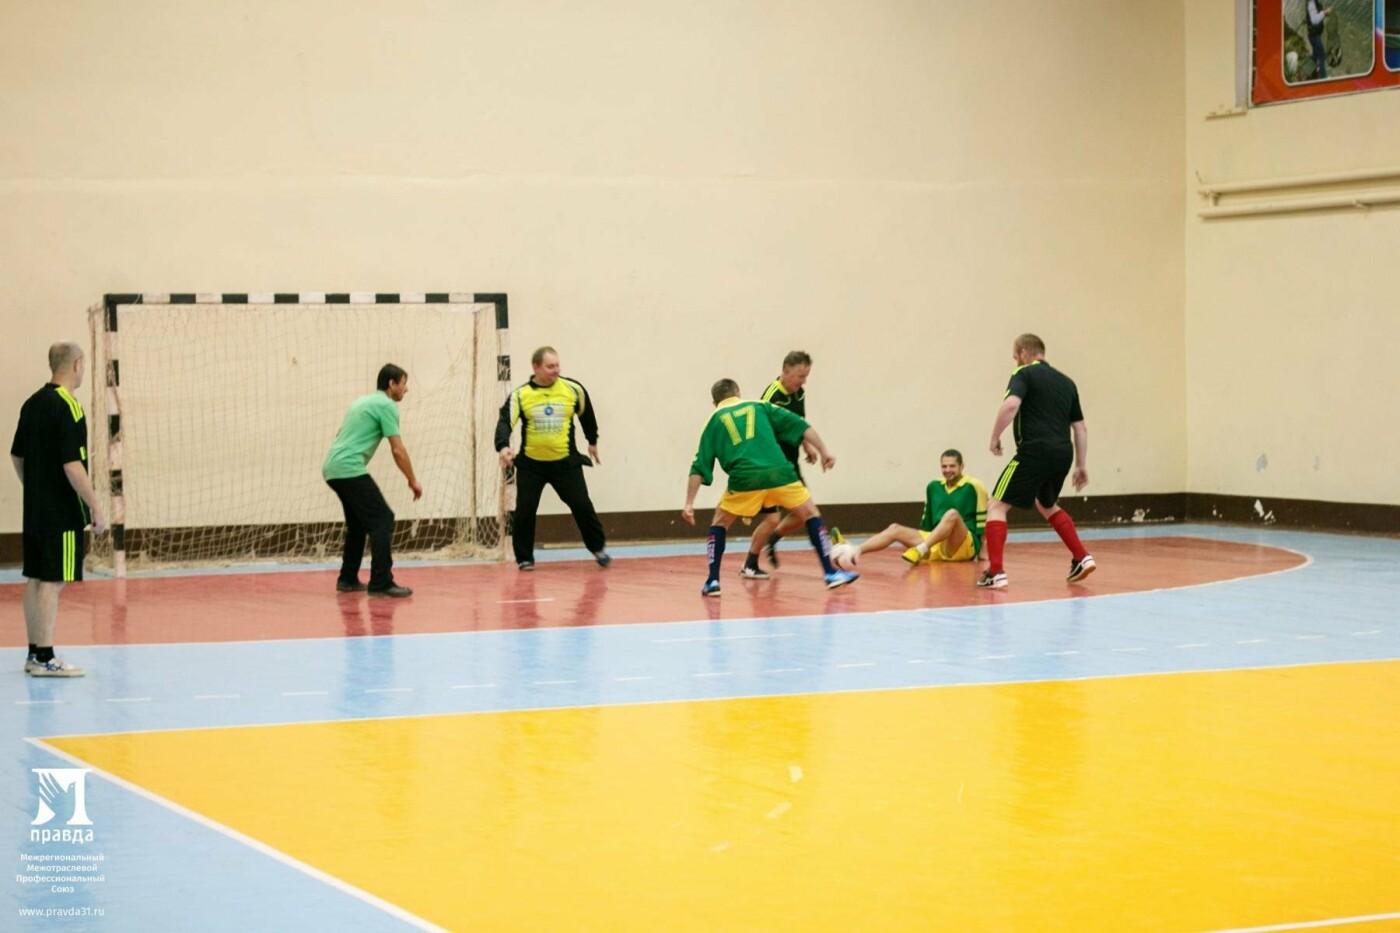 Белгородцы переиграли старооскольцев в матче среди ветеранов футбола по спорту глухих, фото-1